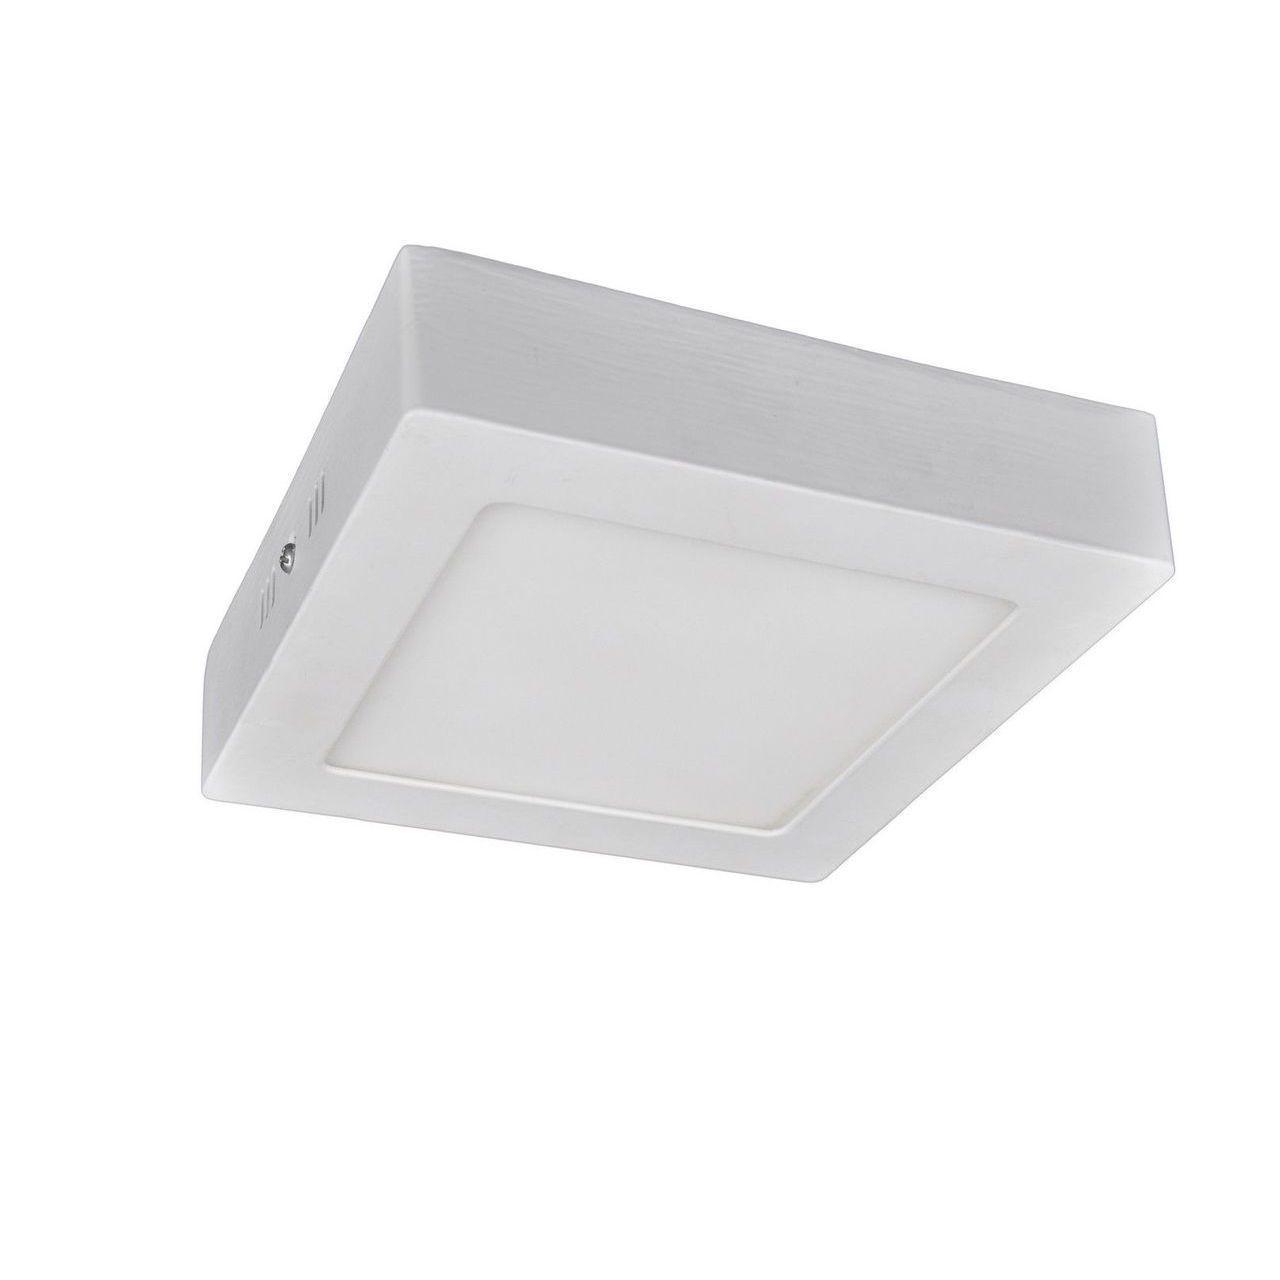 Потолочный светодиодный светильник Arte Lamp Angolo A3612PL-1WH arte lamp потолочный светодиодный светильник arte lamp angolo a3612pl 1wh